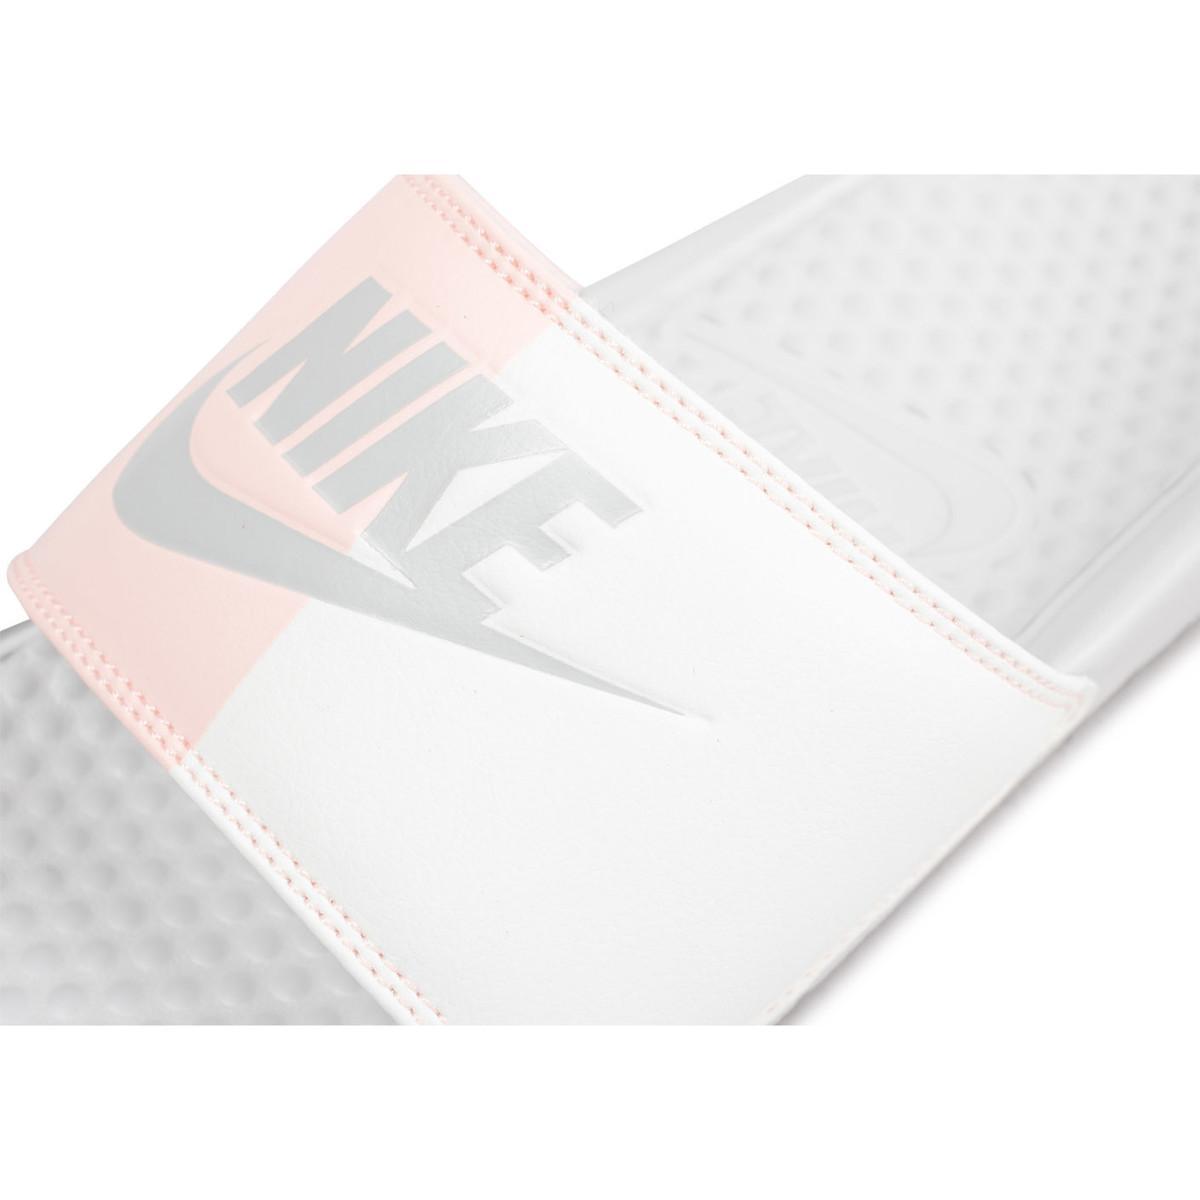 Sandales Benassi Vanillefraise femmes Claquettes en blanc Nike en coloris White